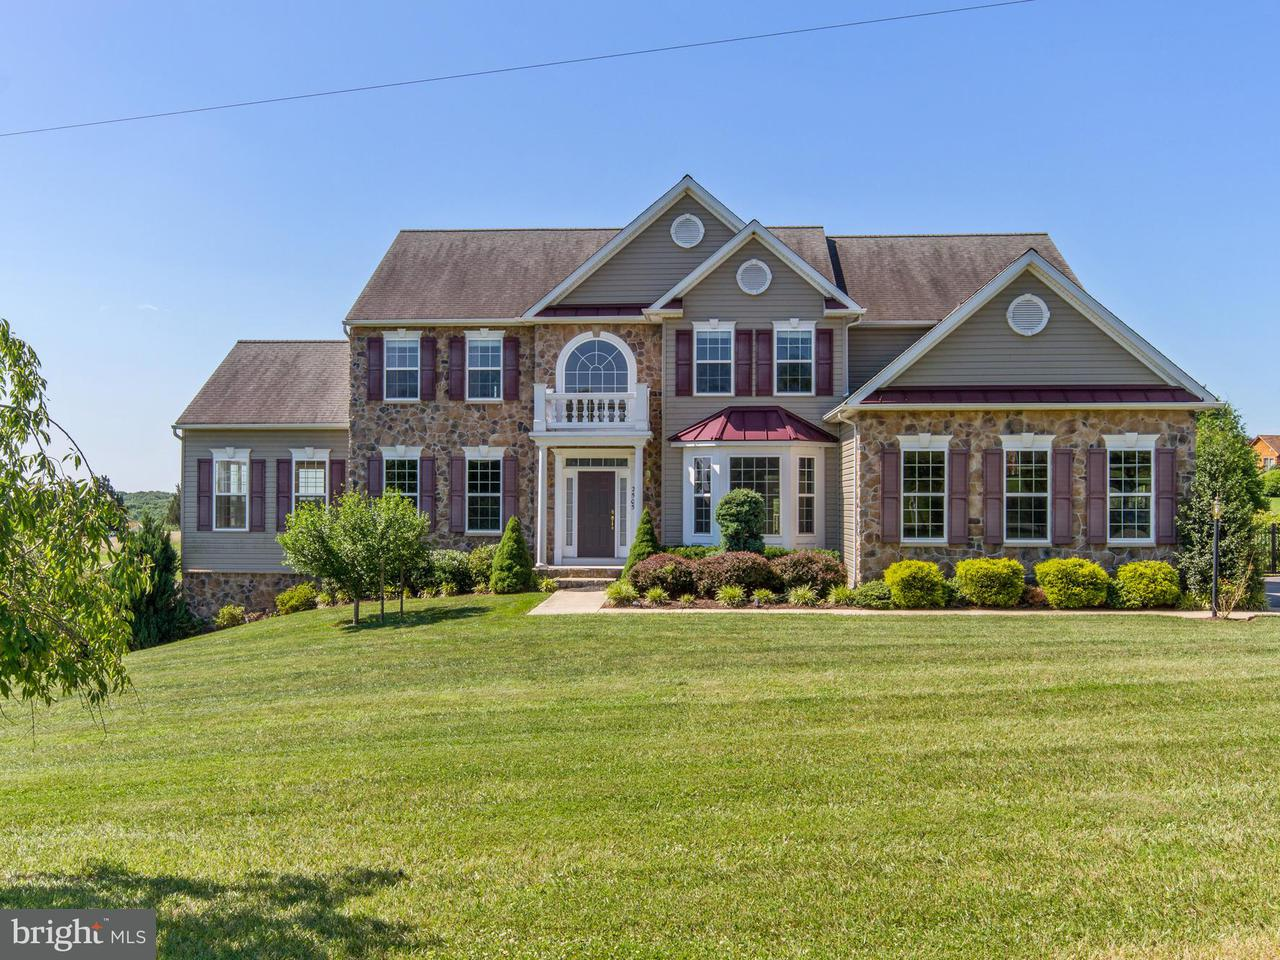 独户住宅 为 销售 在 2505 BOLLINGER MILL Road 2505 BOLLINGER MILL Road Finksburg, 马里兰州 21048 美国